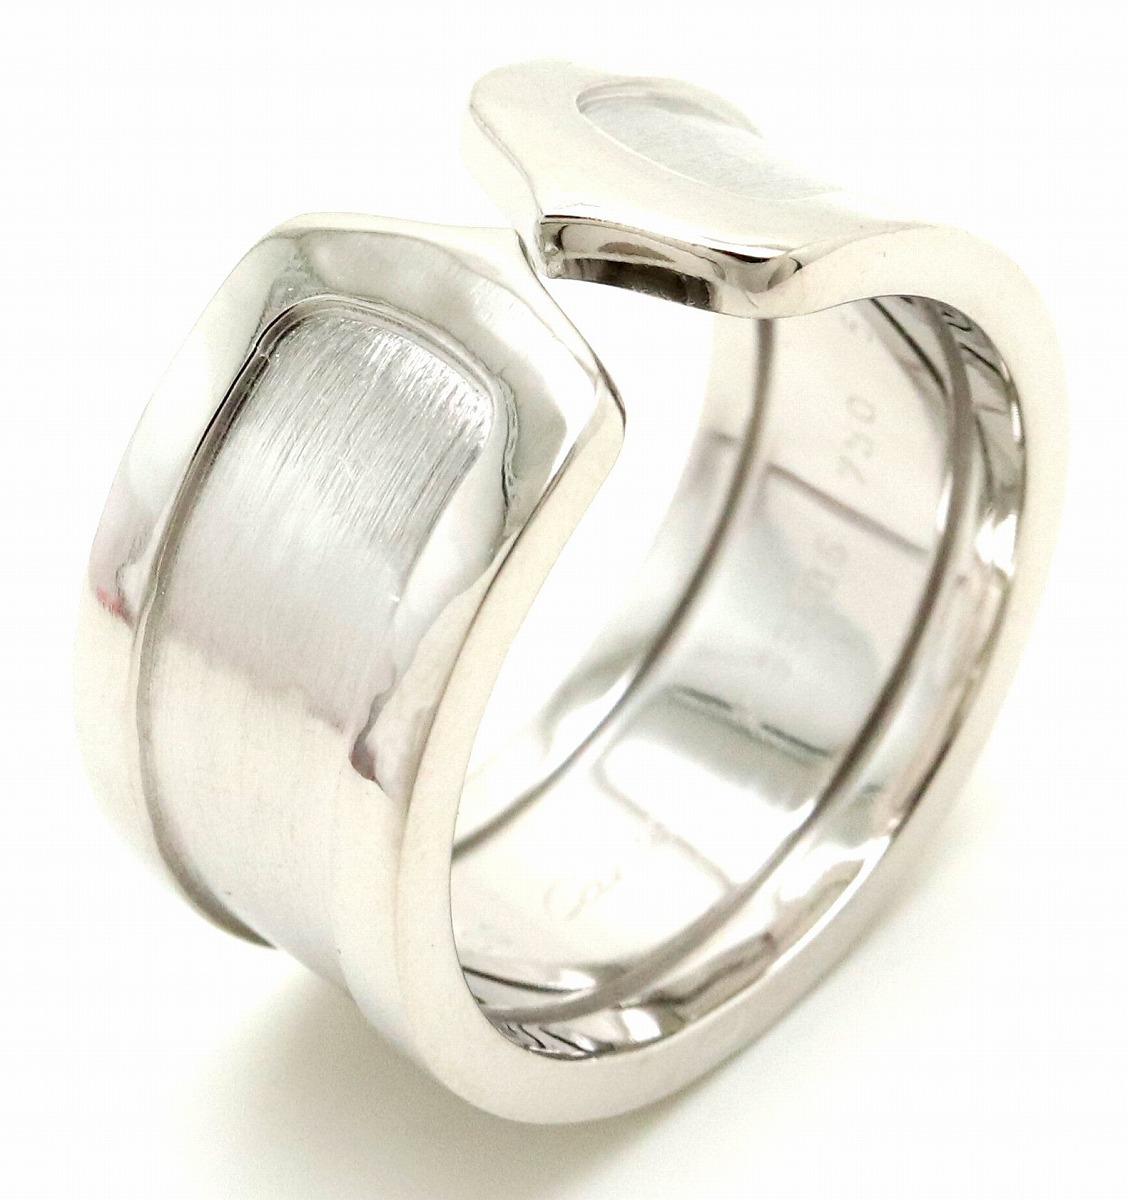 【ジュエリー】【新品仕上げ済】Cartier カルティエ 2C モチーフ リング 指輪 K18WG 750WG ホワイトゴールド C2 ワイド 17号 #57 【中古】